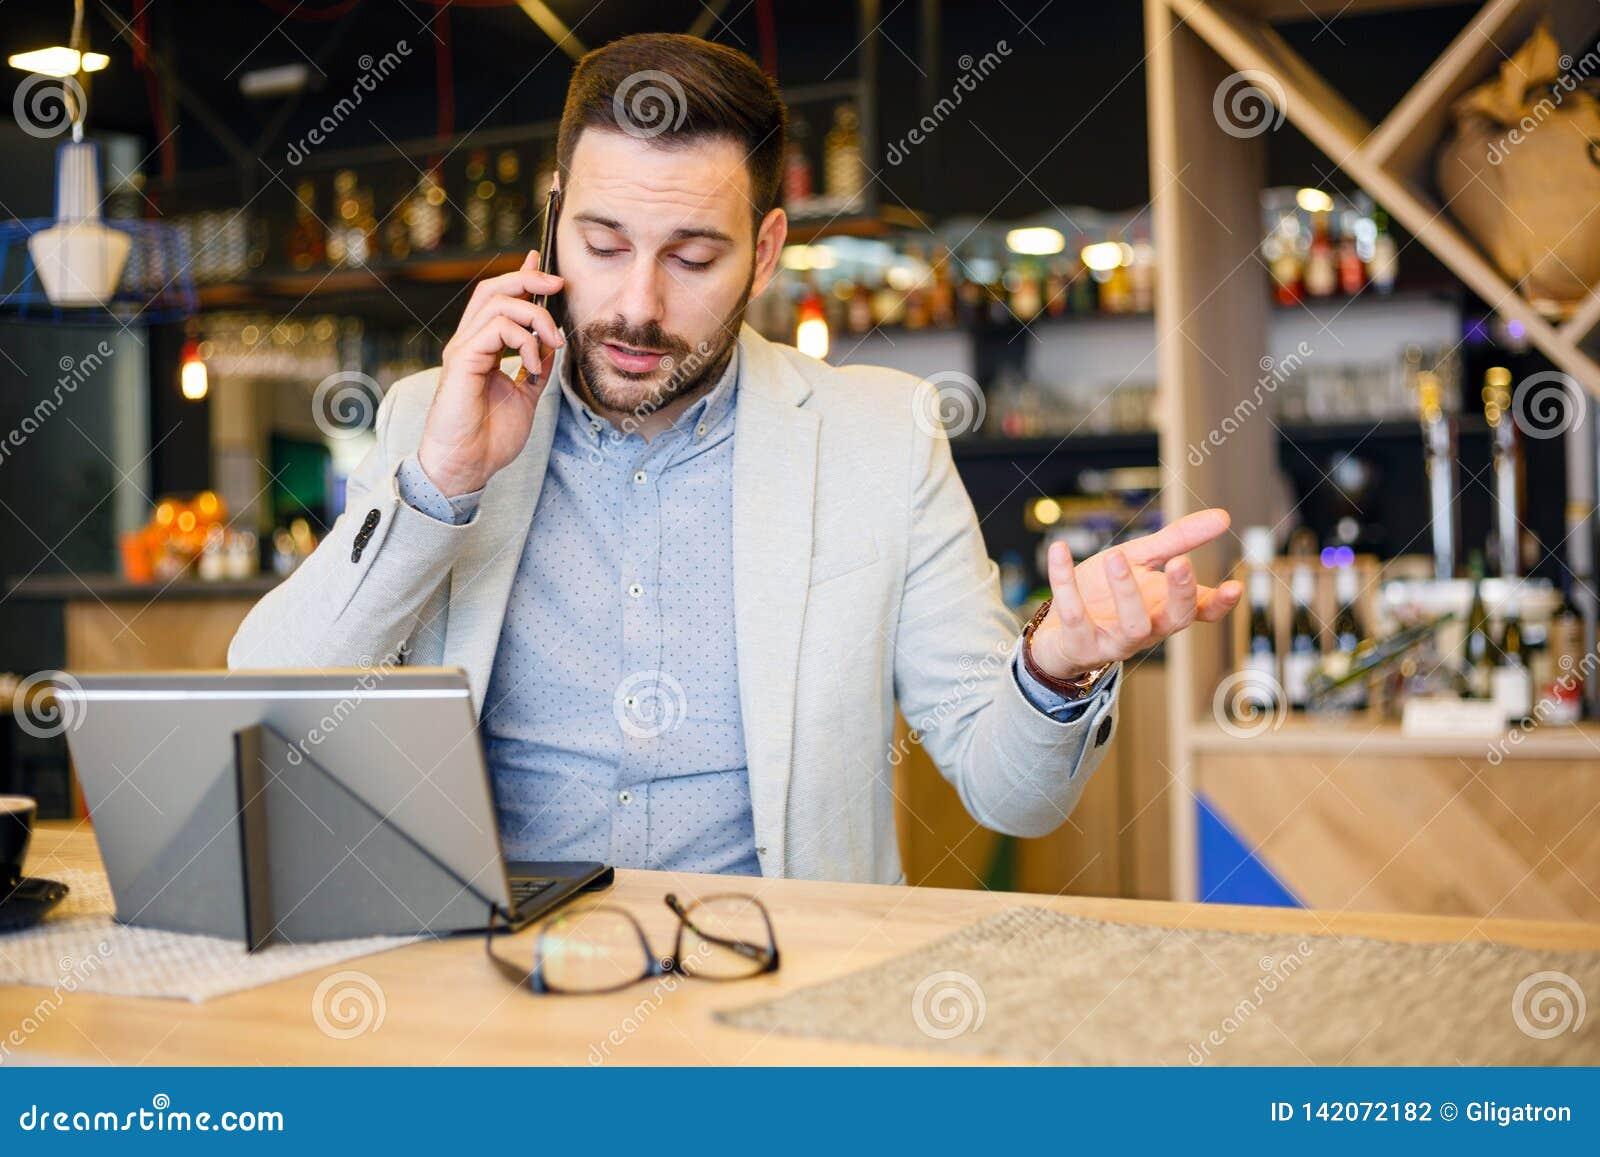 Ernster junger Geschäftsmann, der an einem Telefon, arbeitend in einem Café spricht